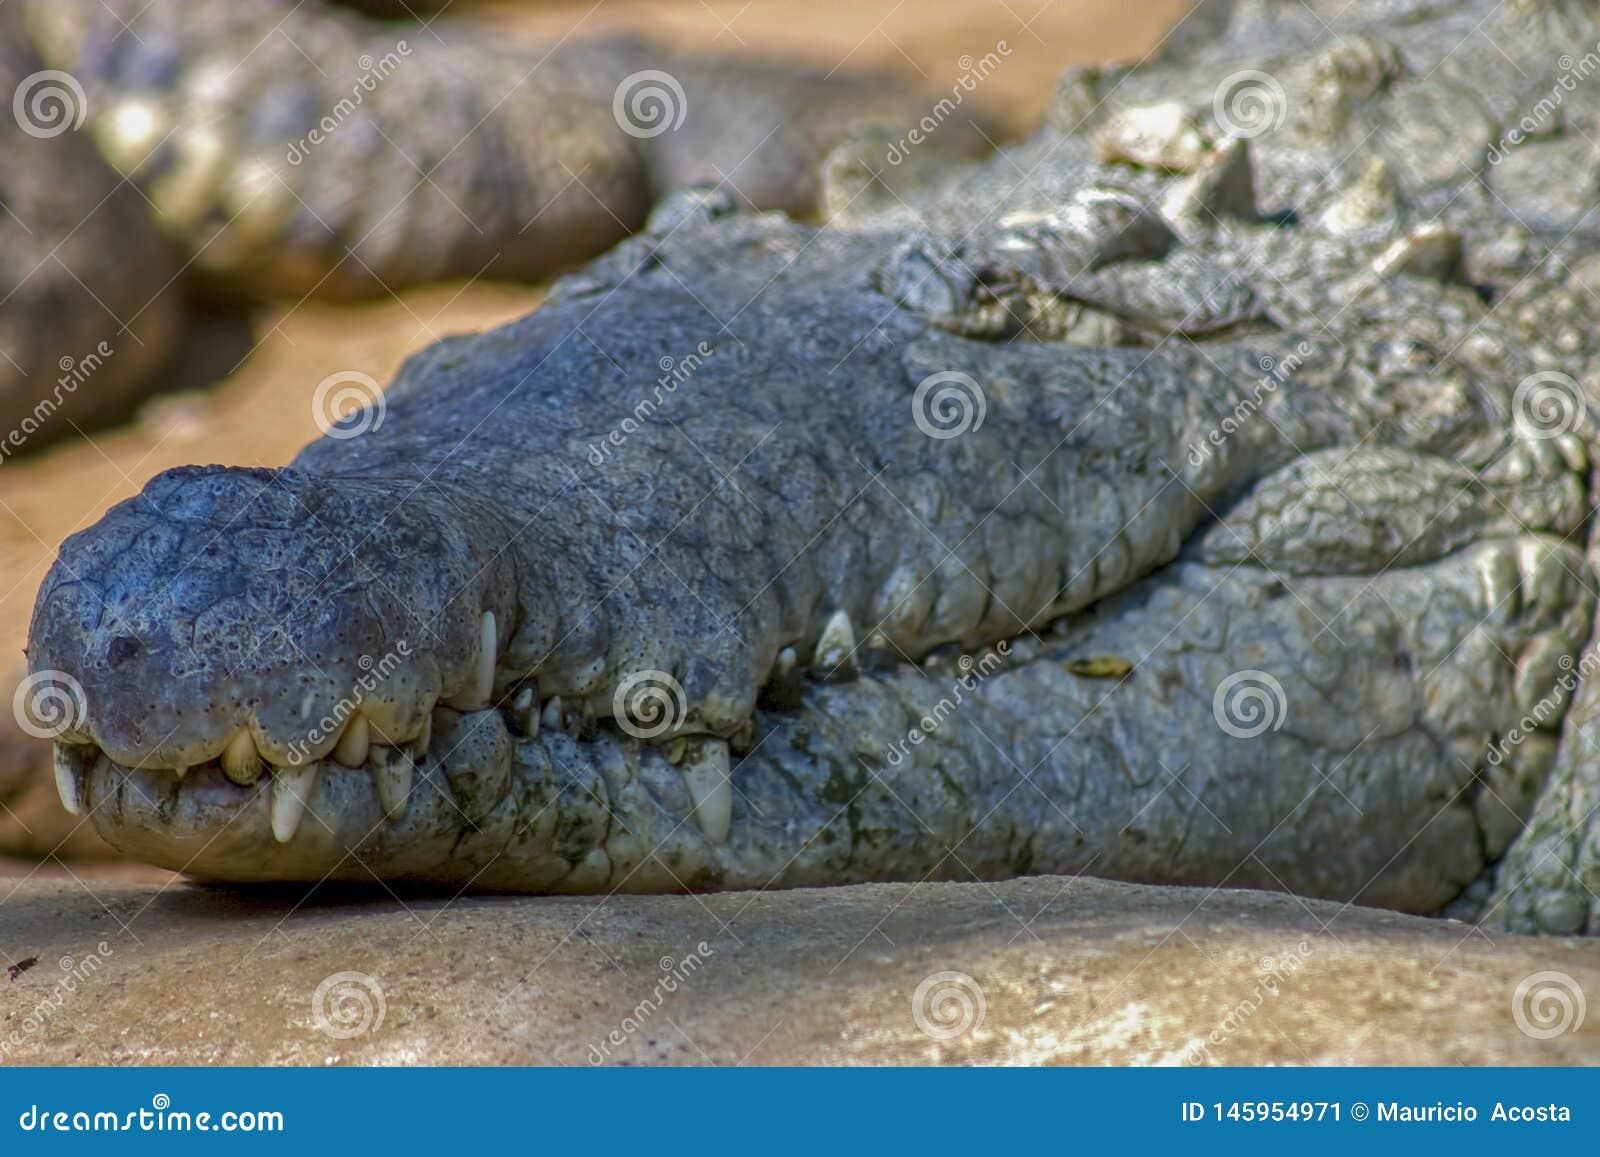 奥里诺科河鳄鱼的头